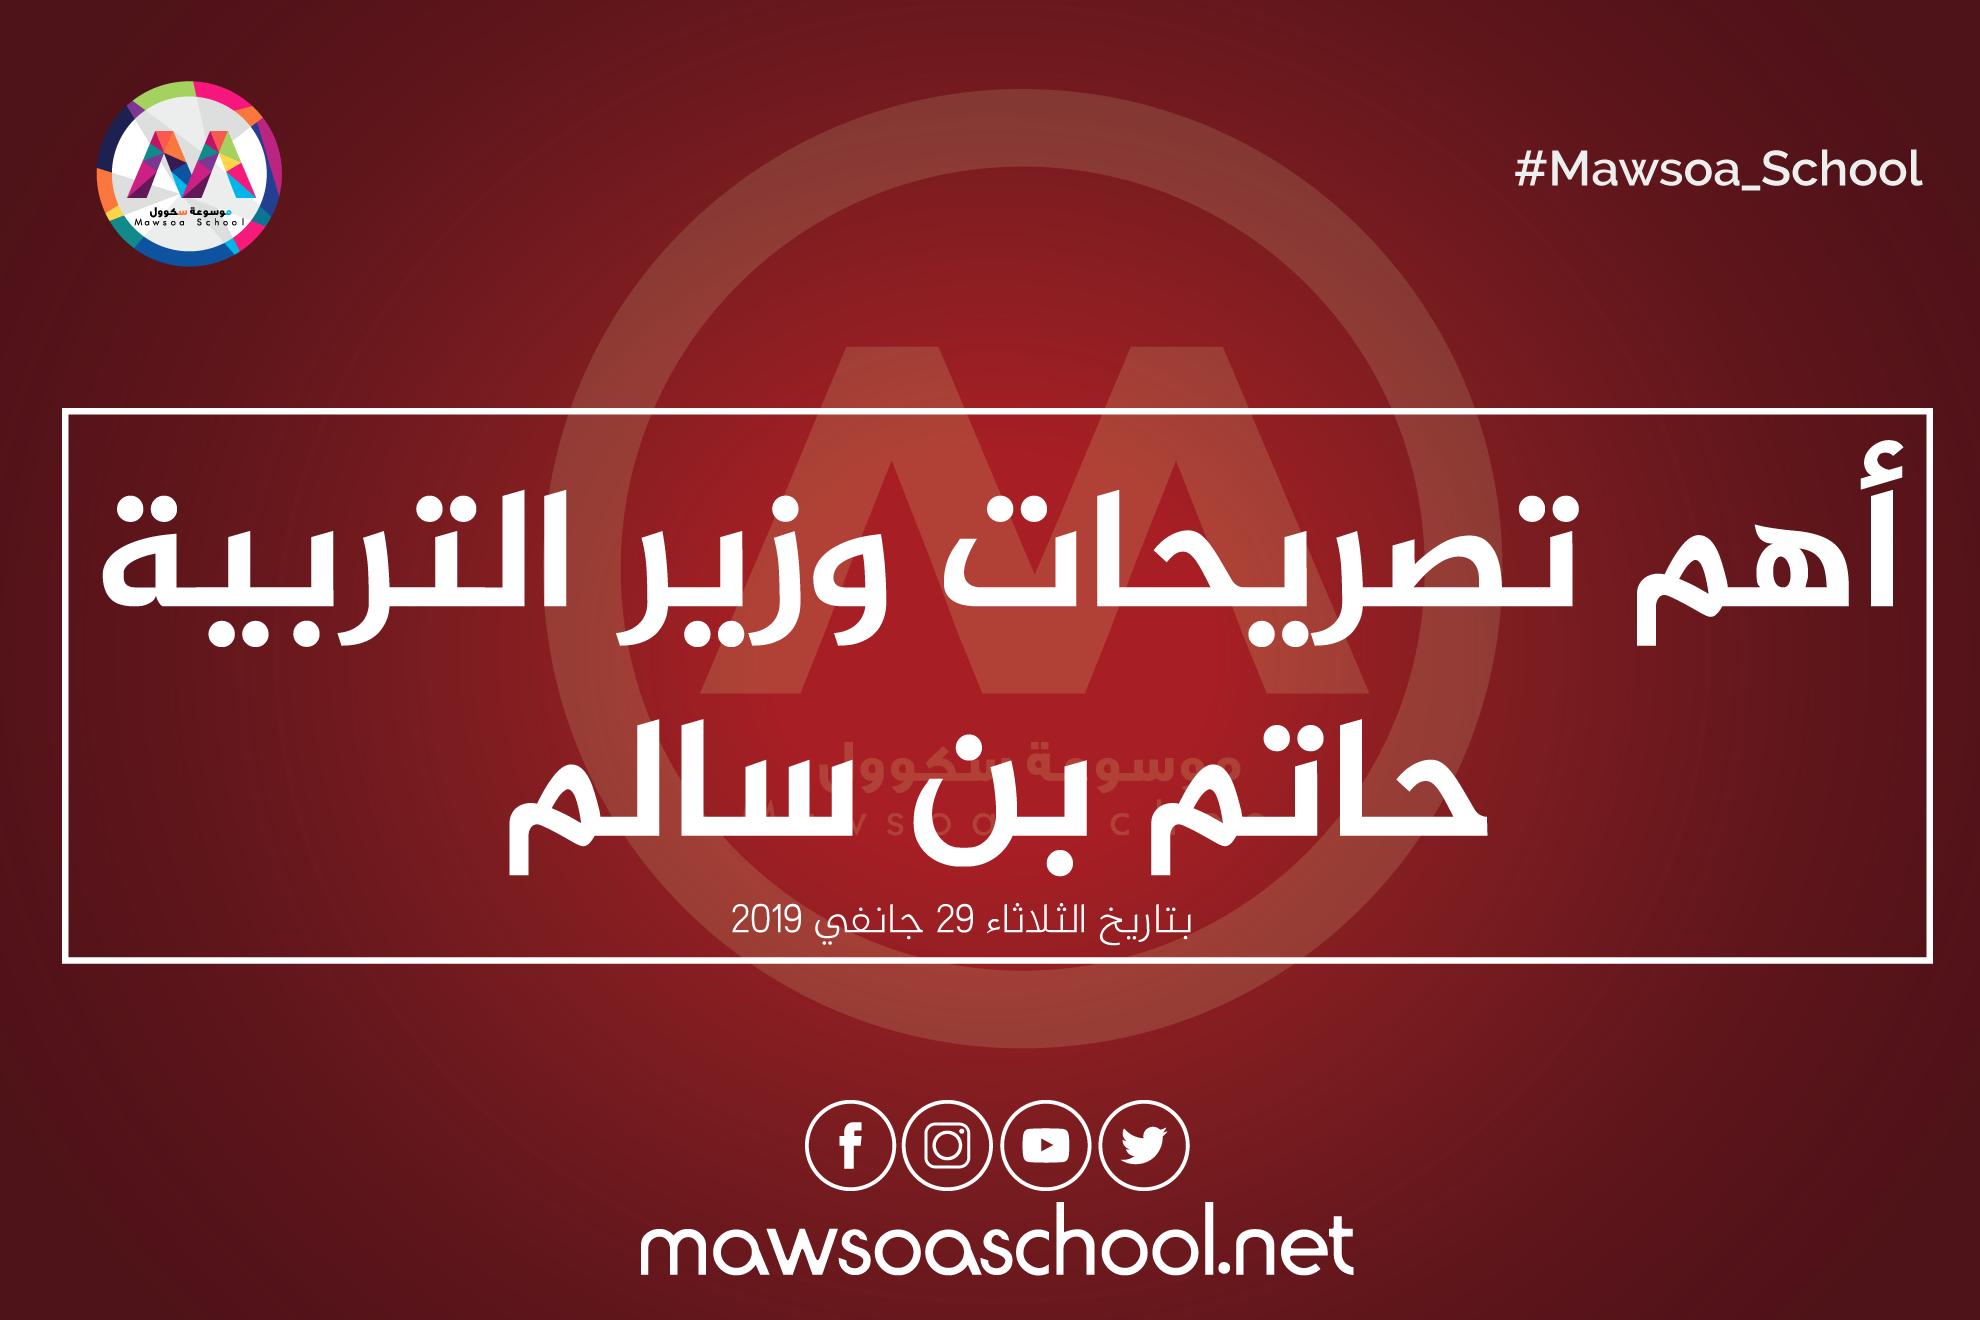 أهم تصريحات وزير التربية حاتم بن سالم